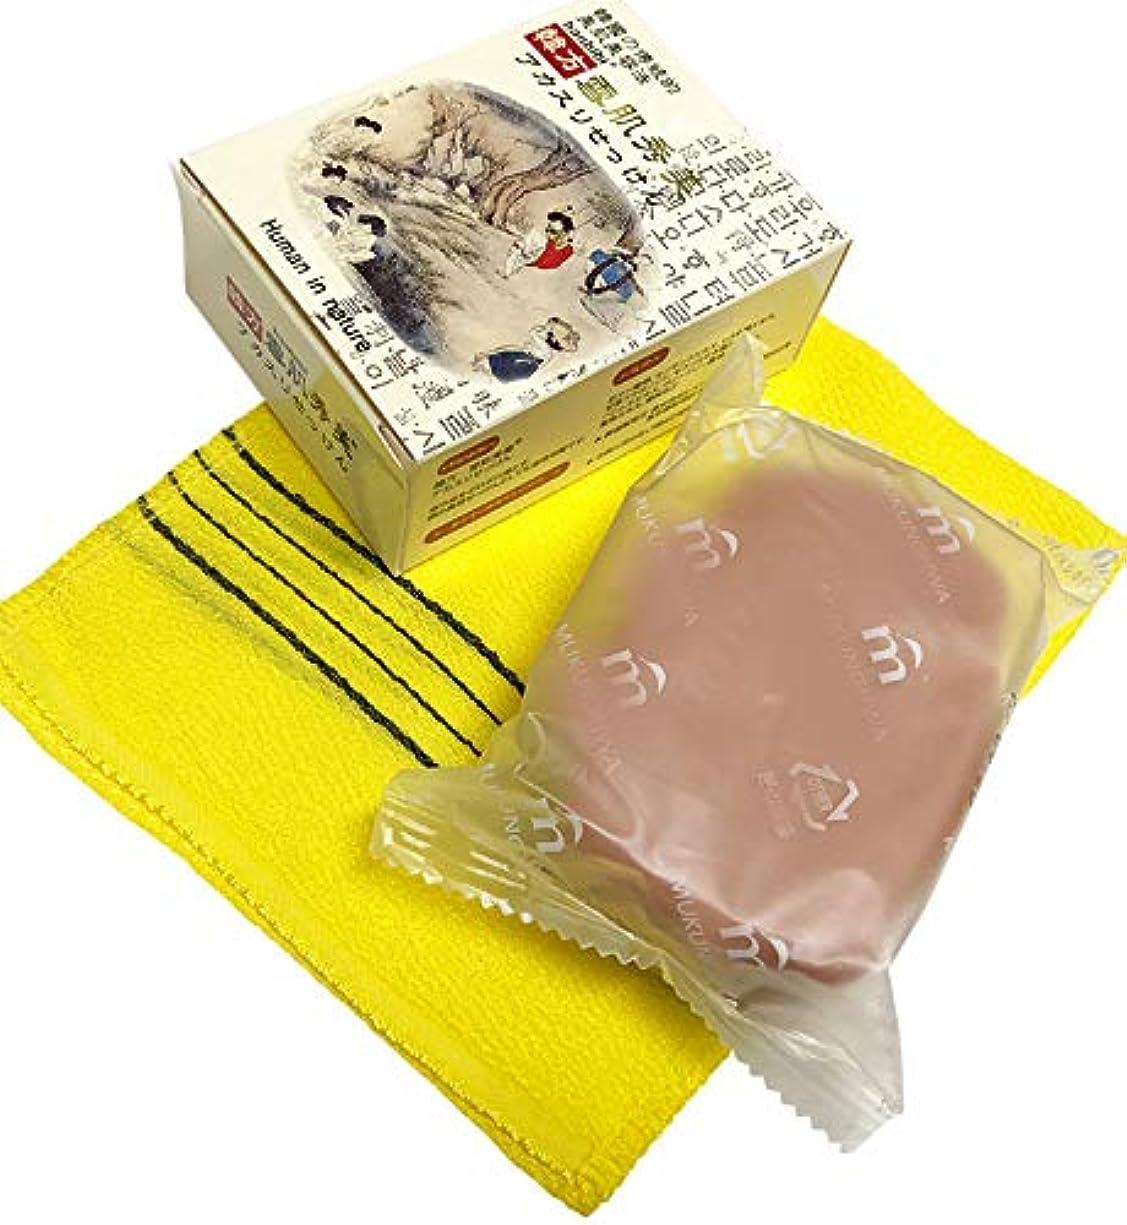 磁気パズル管理顔、体兼用、蜂蜜香りの韓方石ケン、韓国コスメ 韓方[]蜂蜜アカスリせっけん アカスリ専用タオル付き